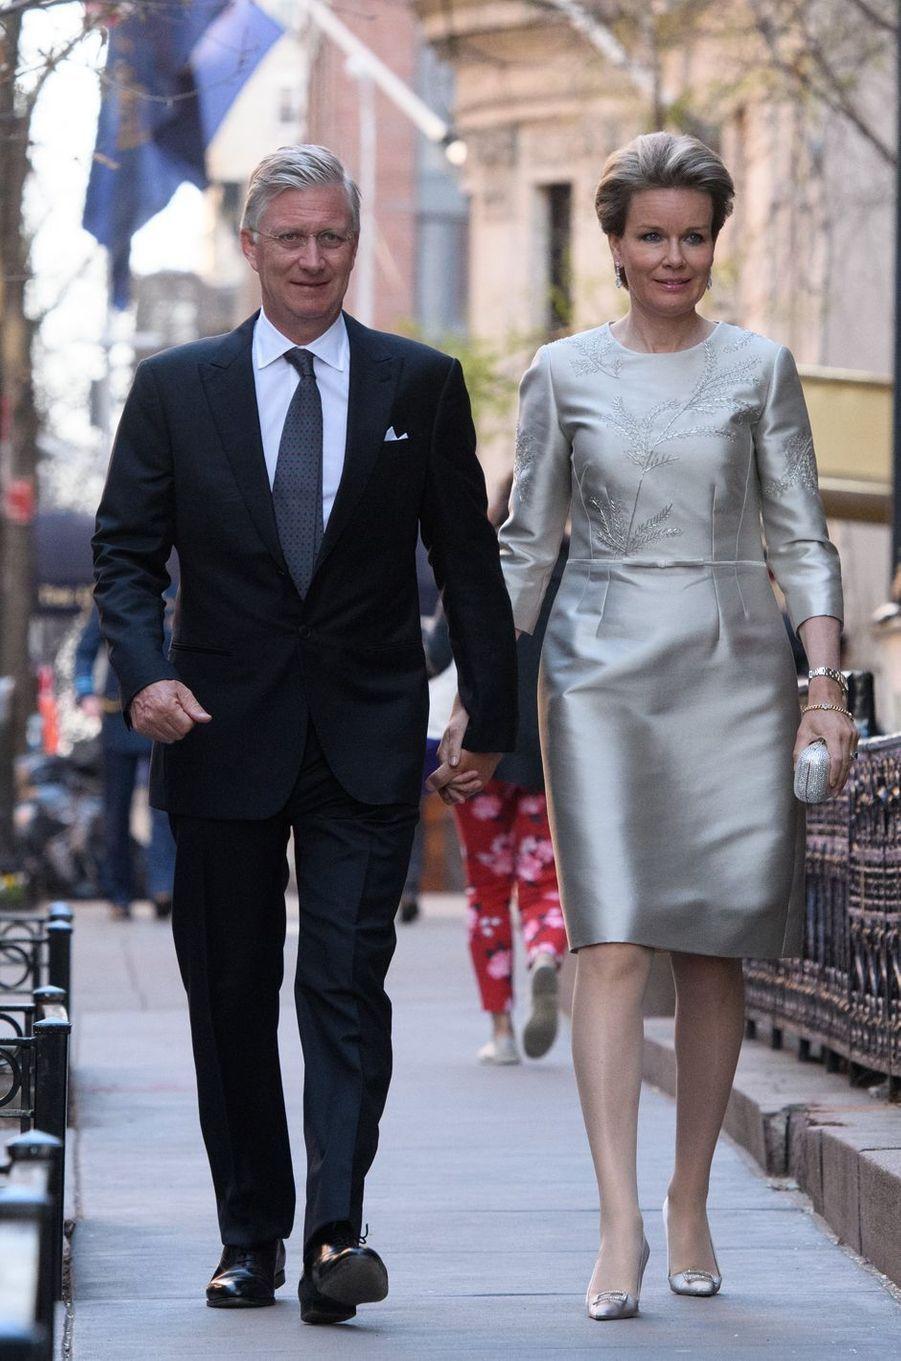 La reine Mathilde de Belgique dans une robe Natan, à New York le 23 avril 2018